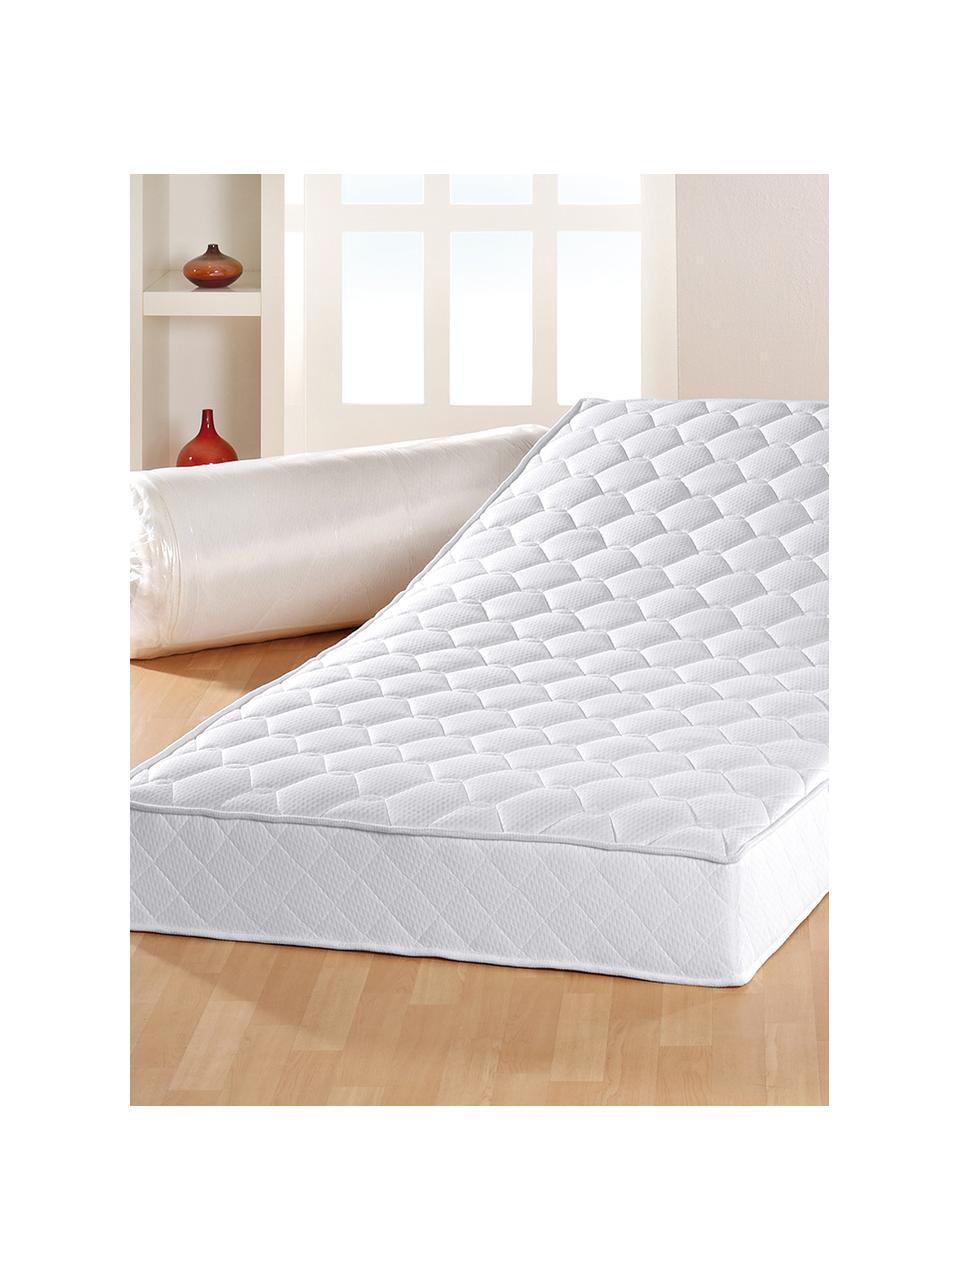 Pocketvering matras Happy, Onderzijde: ongeveer 200 g/m² klimaat, Wit, 140 x 200 cm